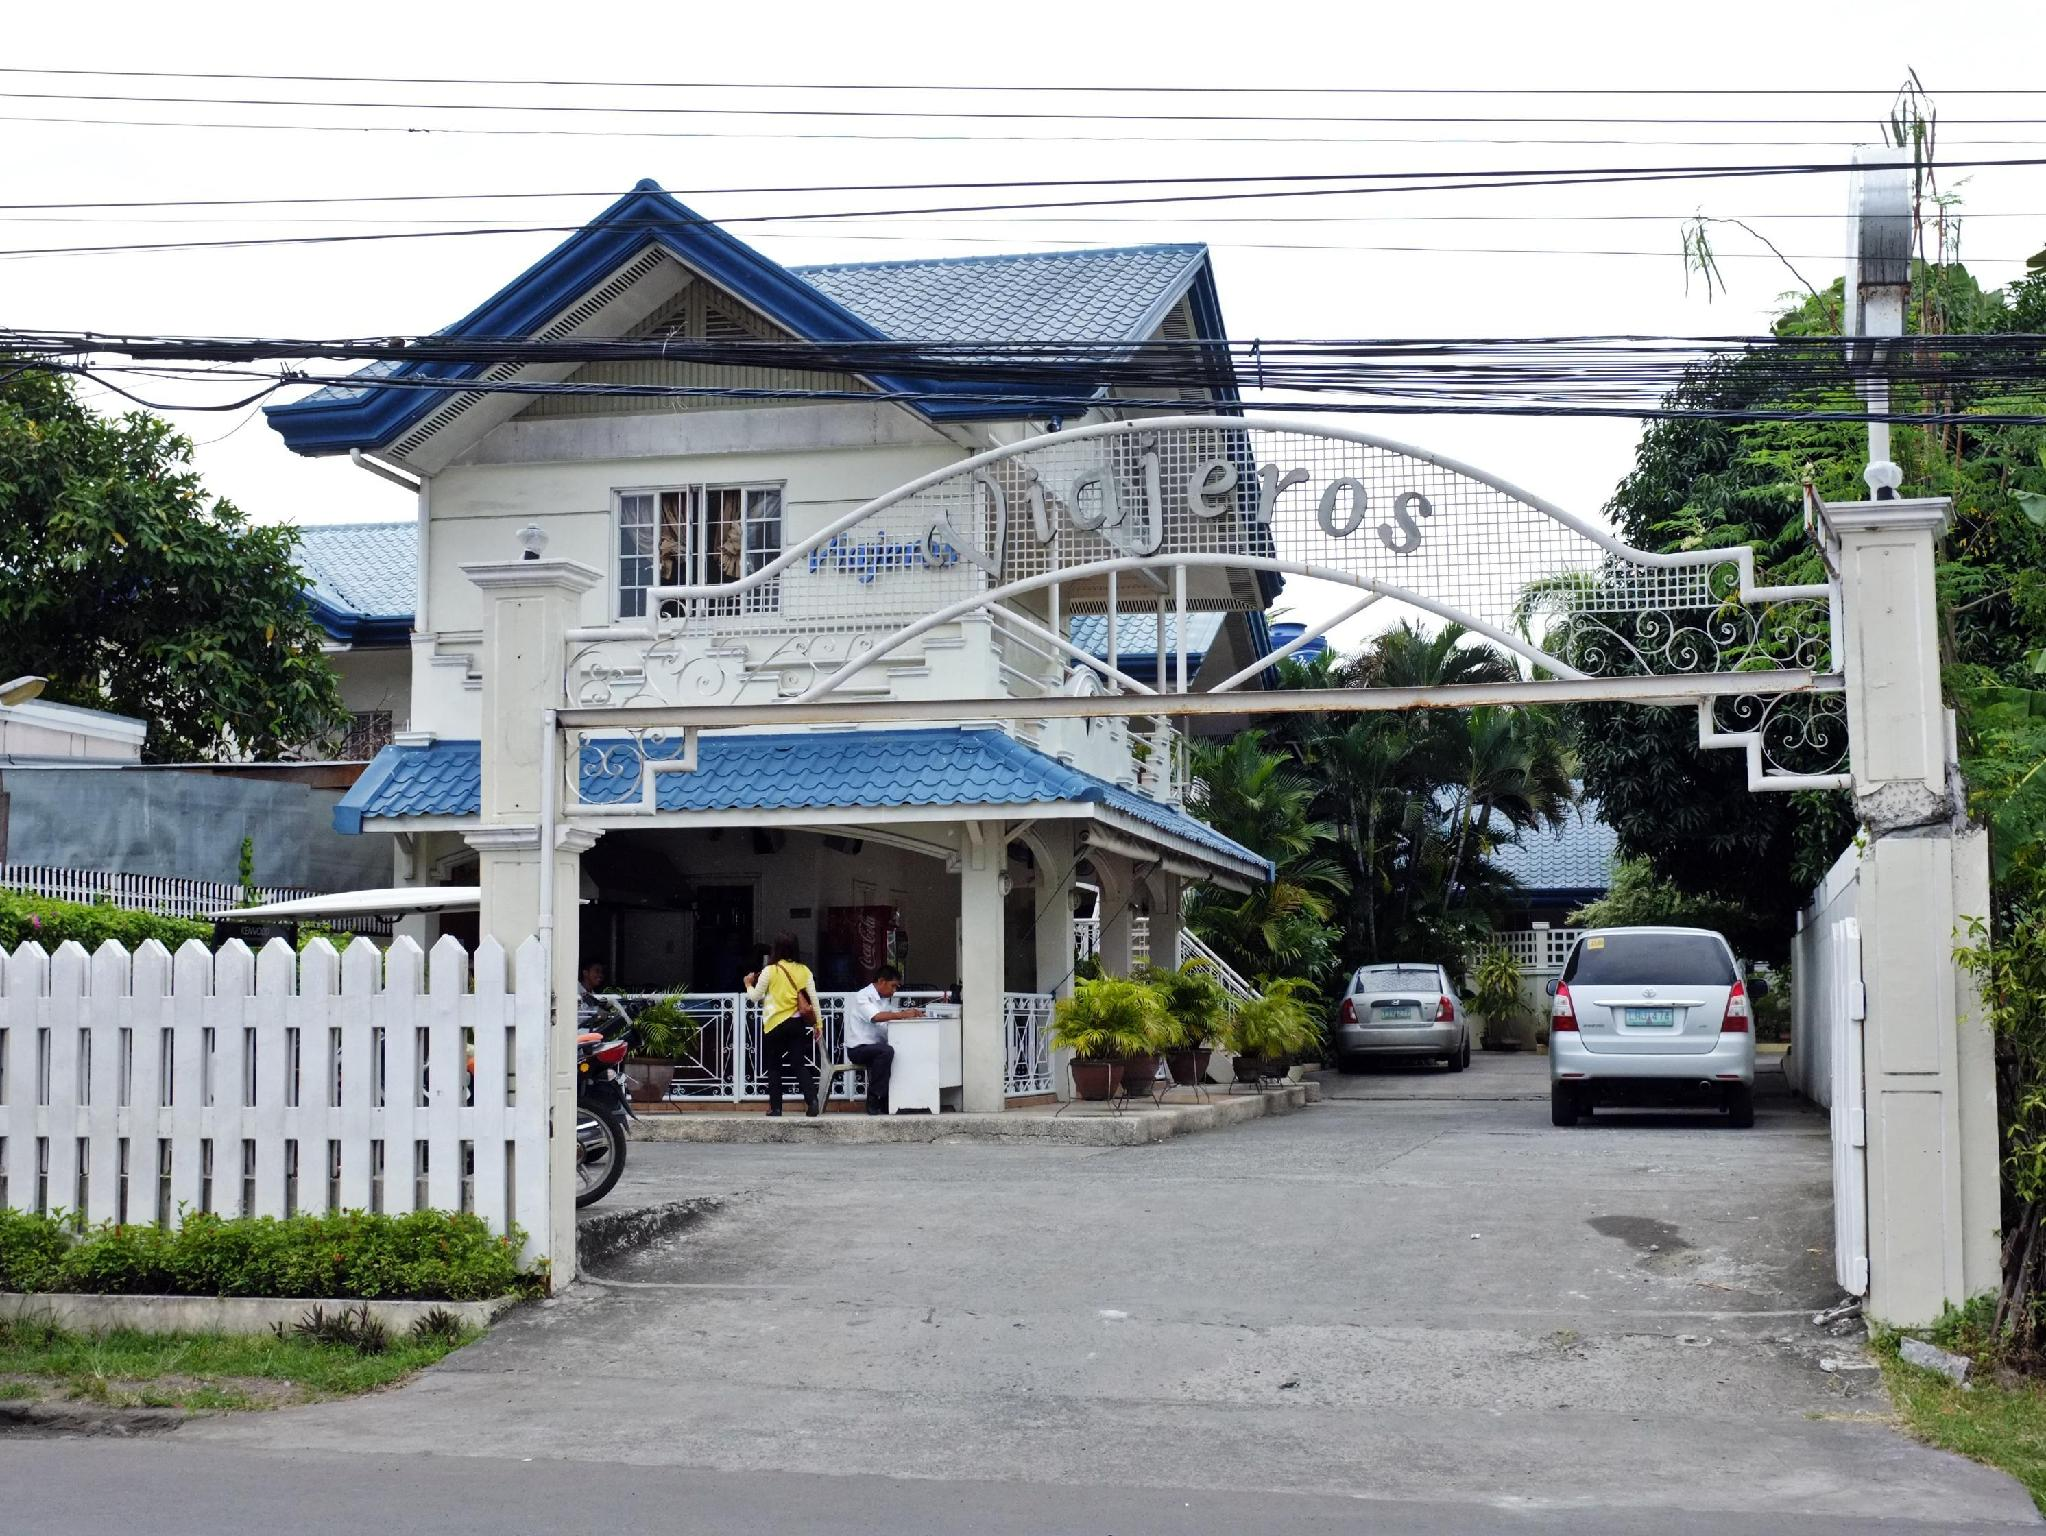 Viajeros Economy Inn Davao - Exterior de l'hotel